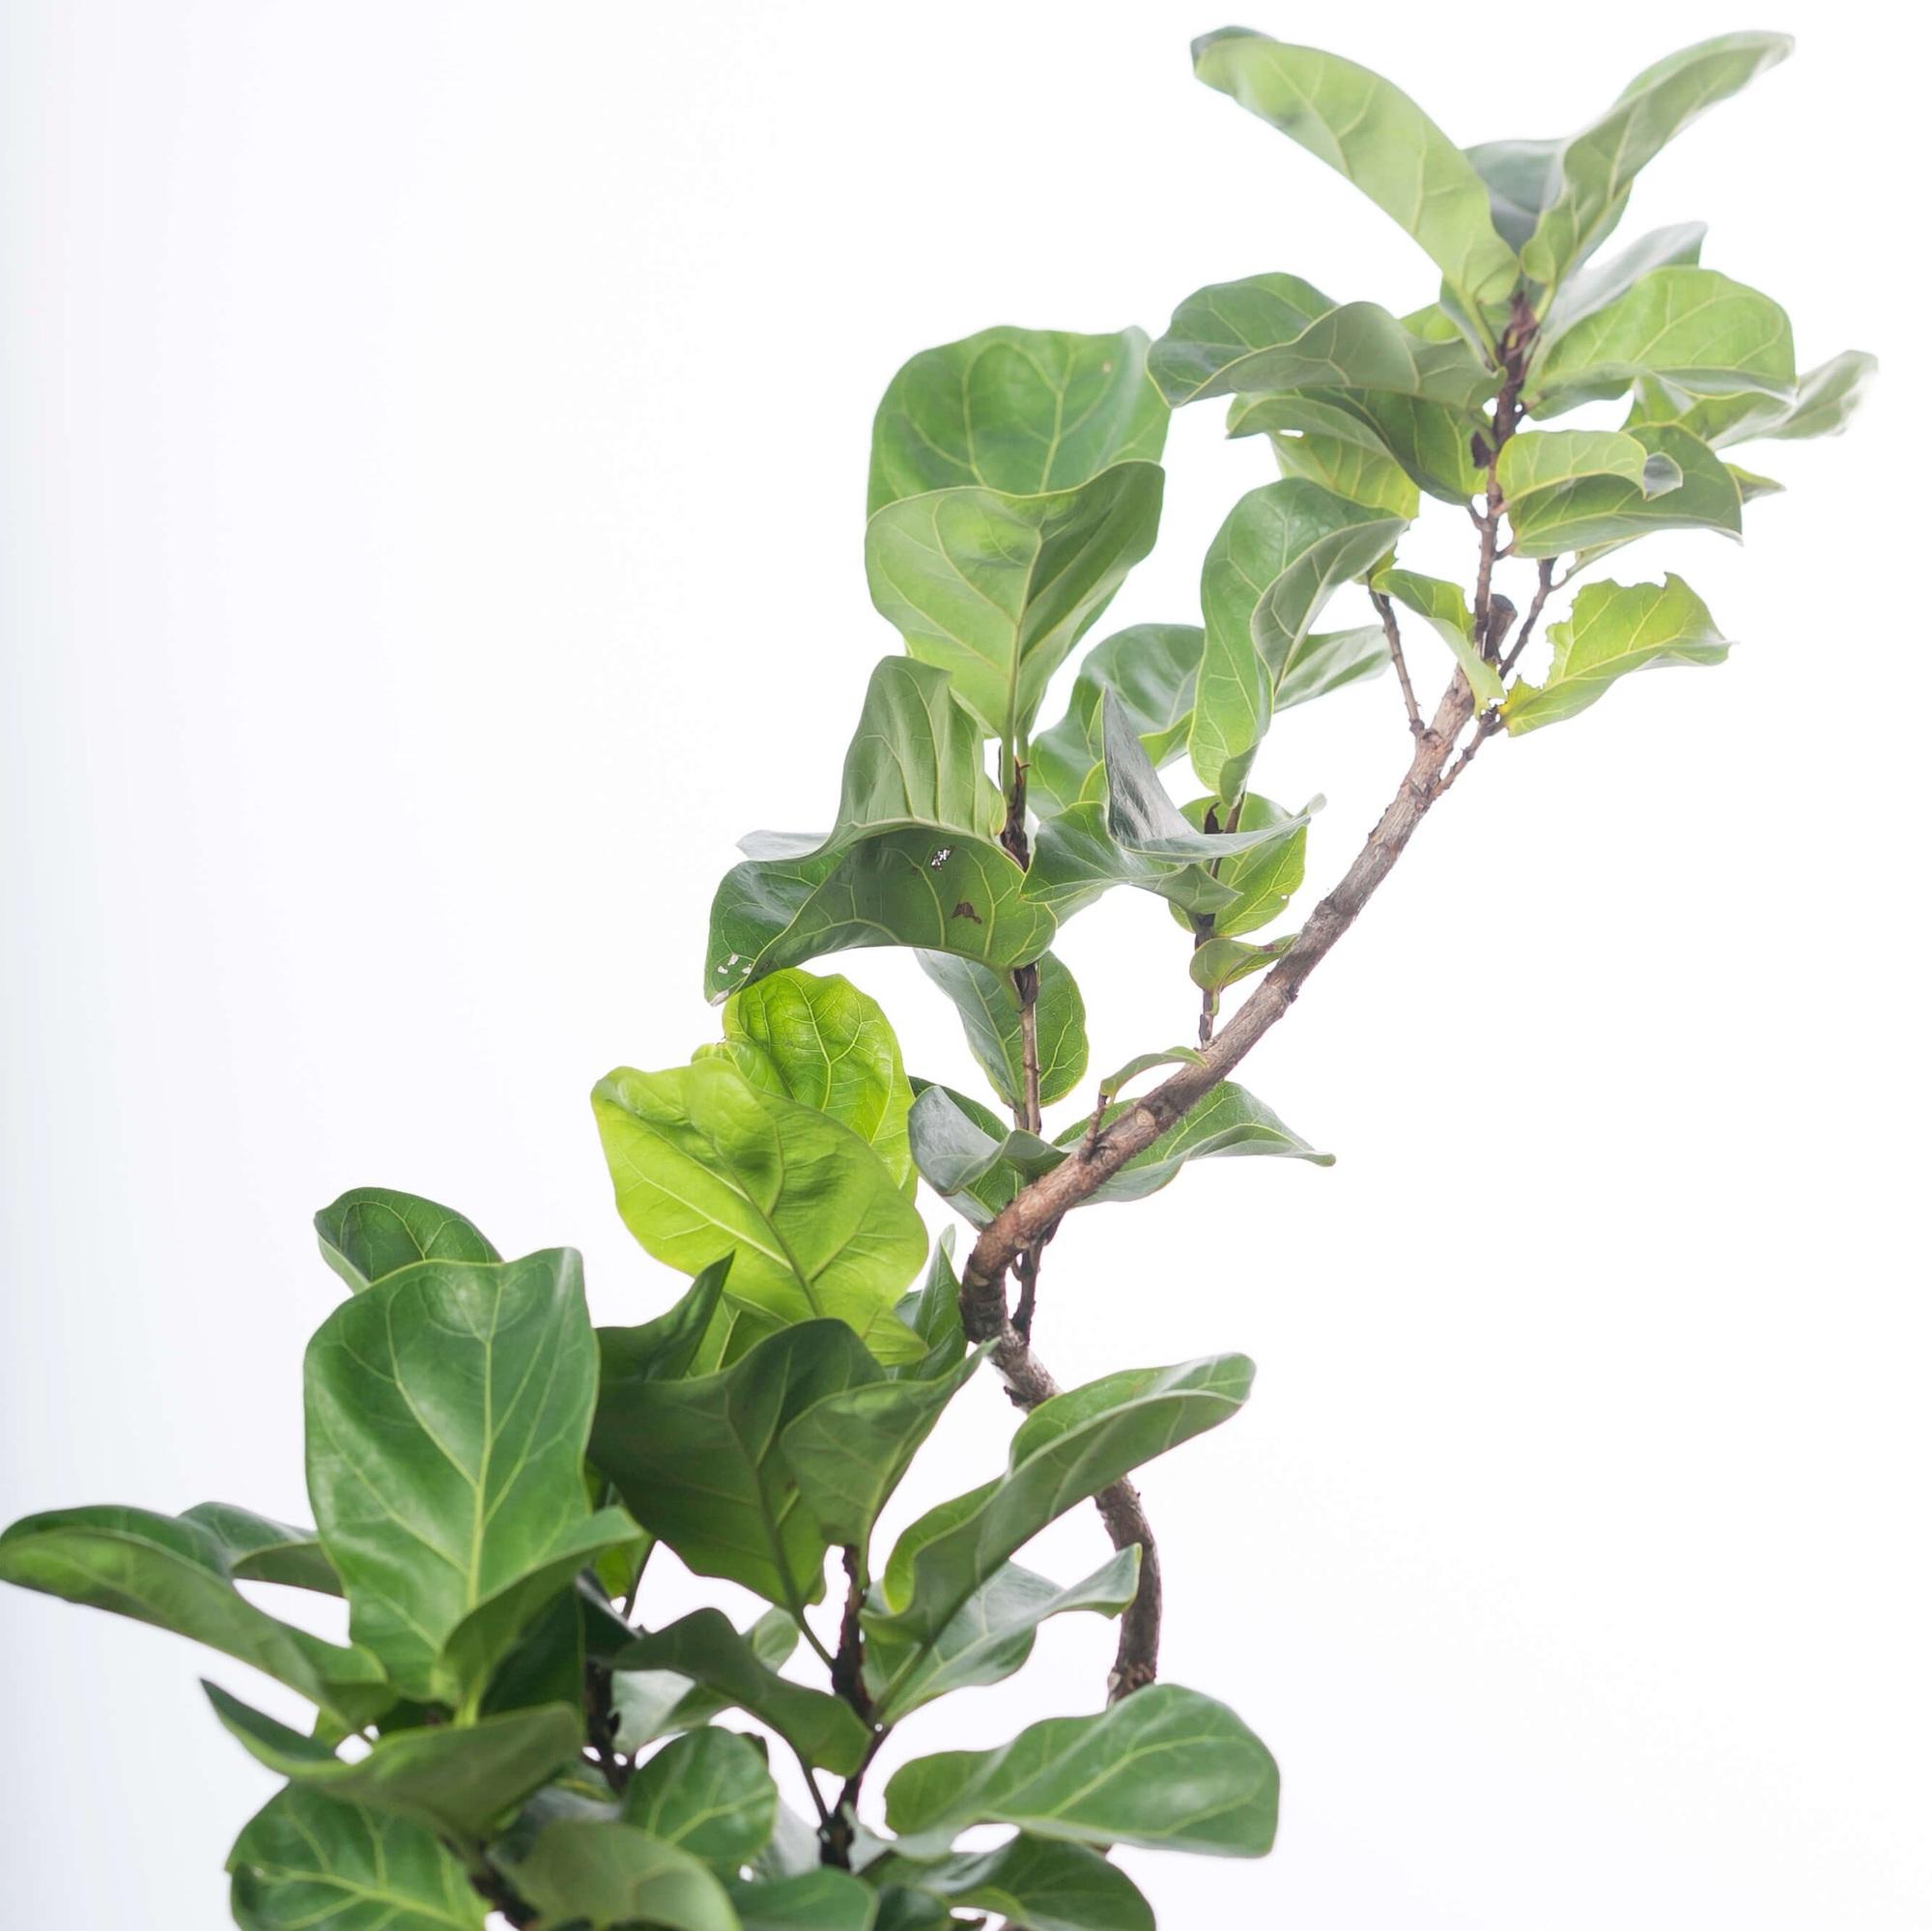 観葉植物、カシワババンビーノ、ゴムノキ